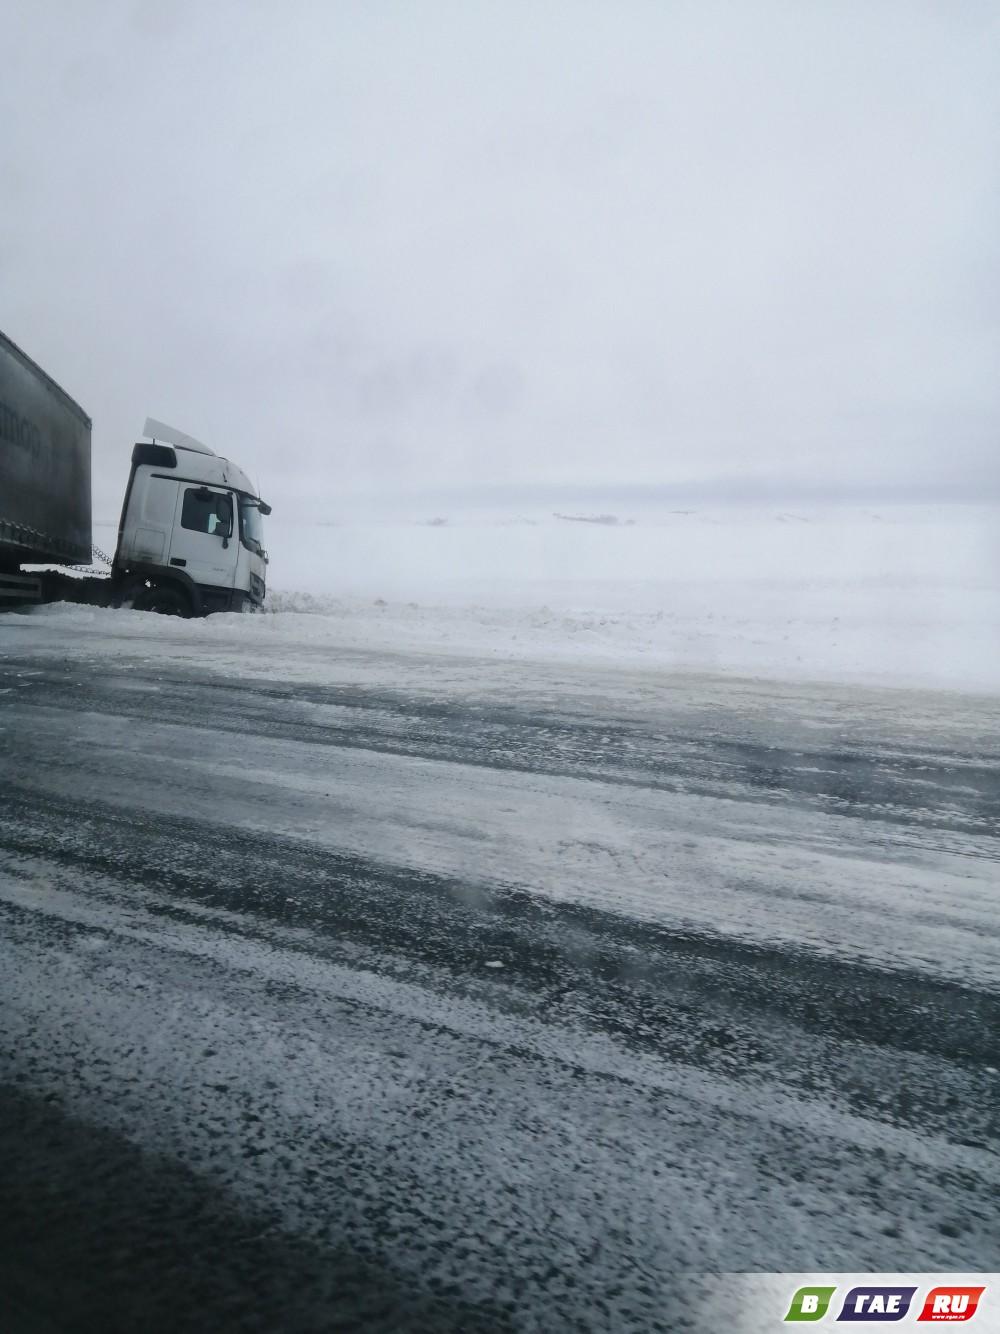 фото метели трасса самара оренбург должны доносить